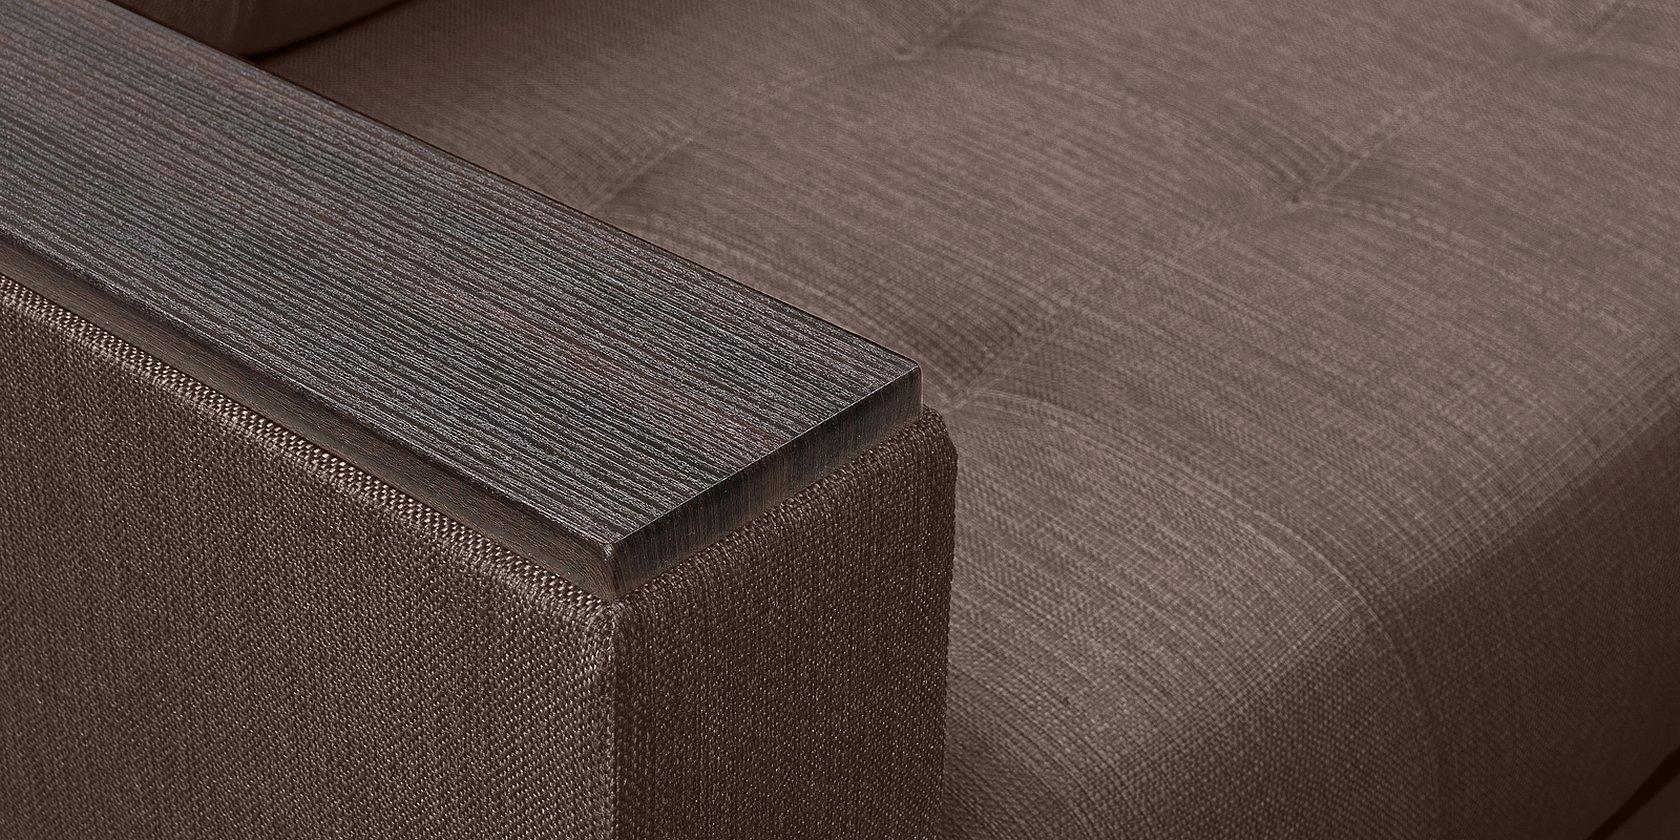 Материал рогожка для дивана